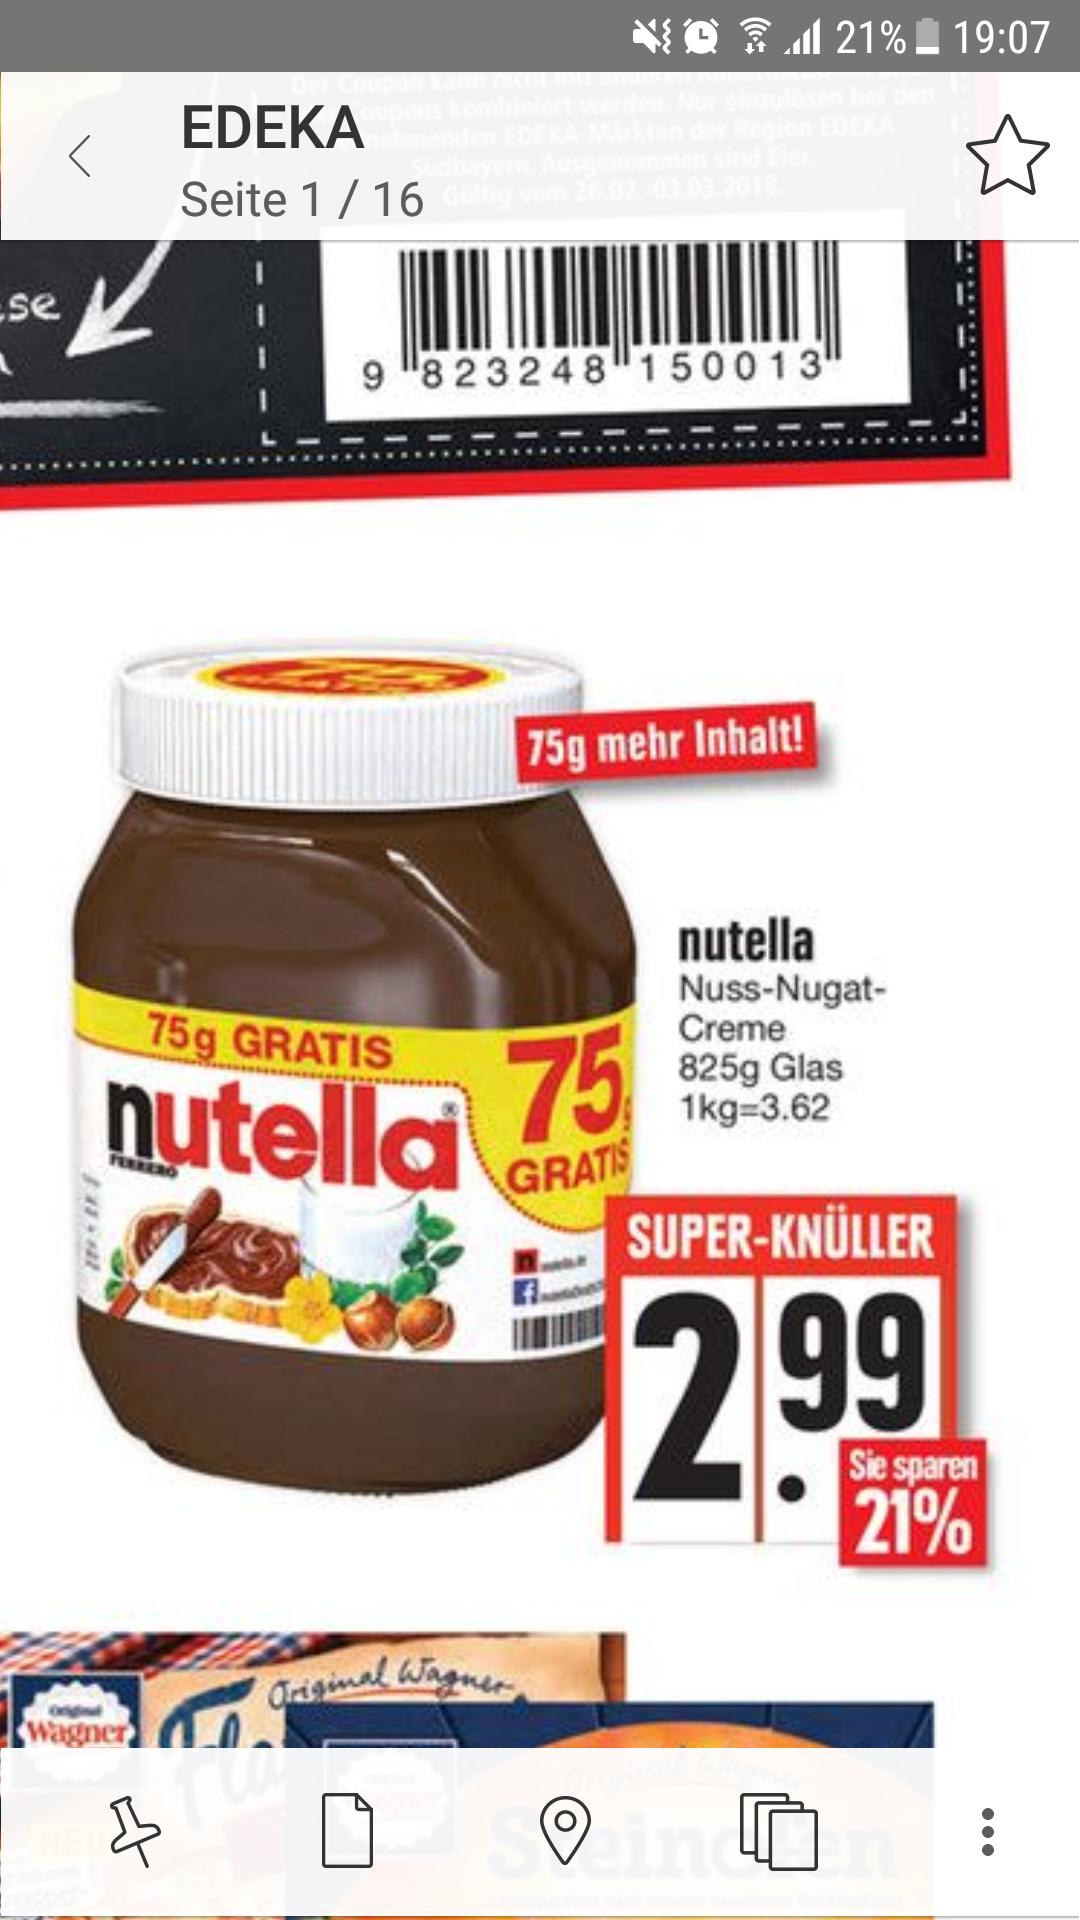 Nutella 825 g erhältlich in den Filialen in Südbayern